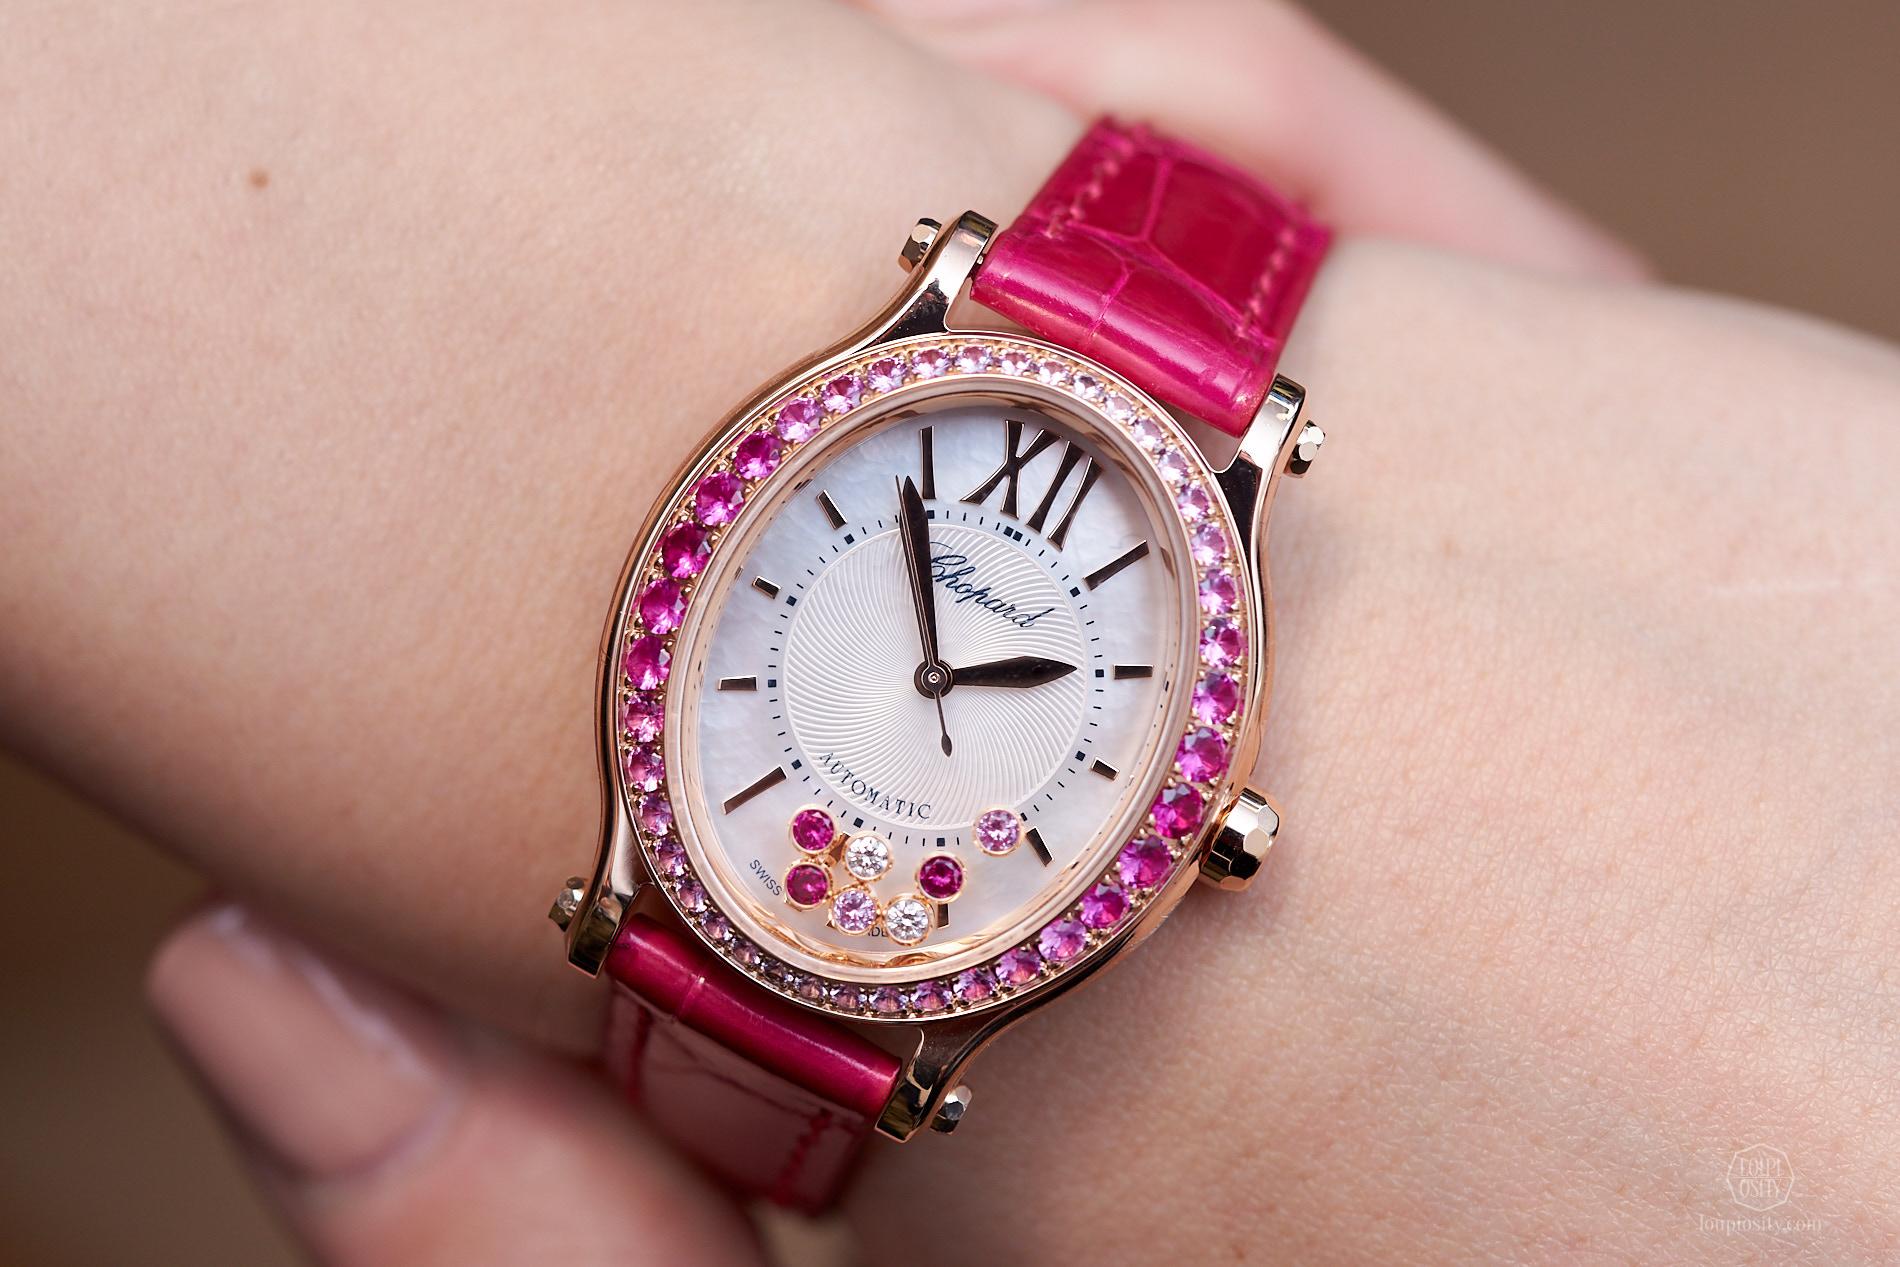 Quà tặng 8/3: Sắc hồng nữ tính trên 5 chiếc đồng hồ cao cấp dành cho quý cô